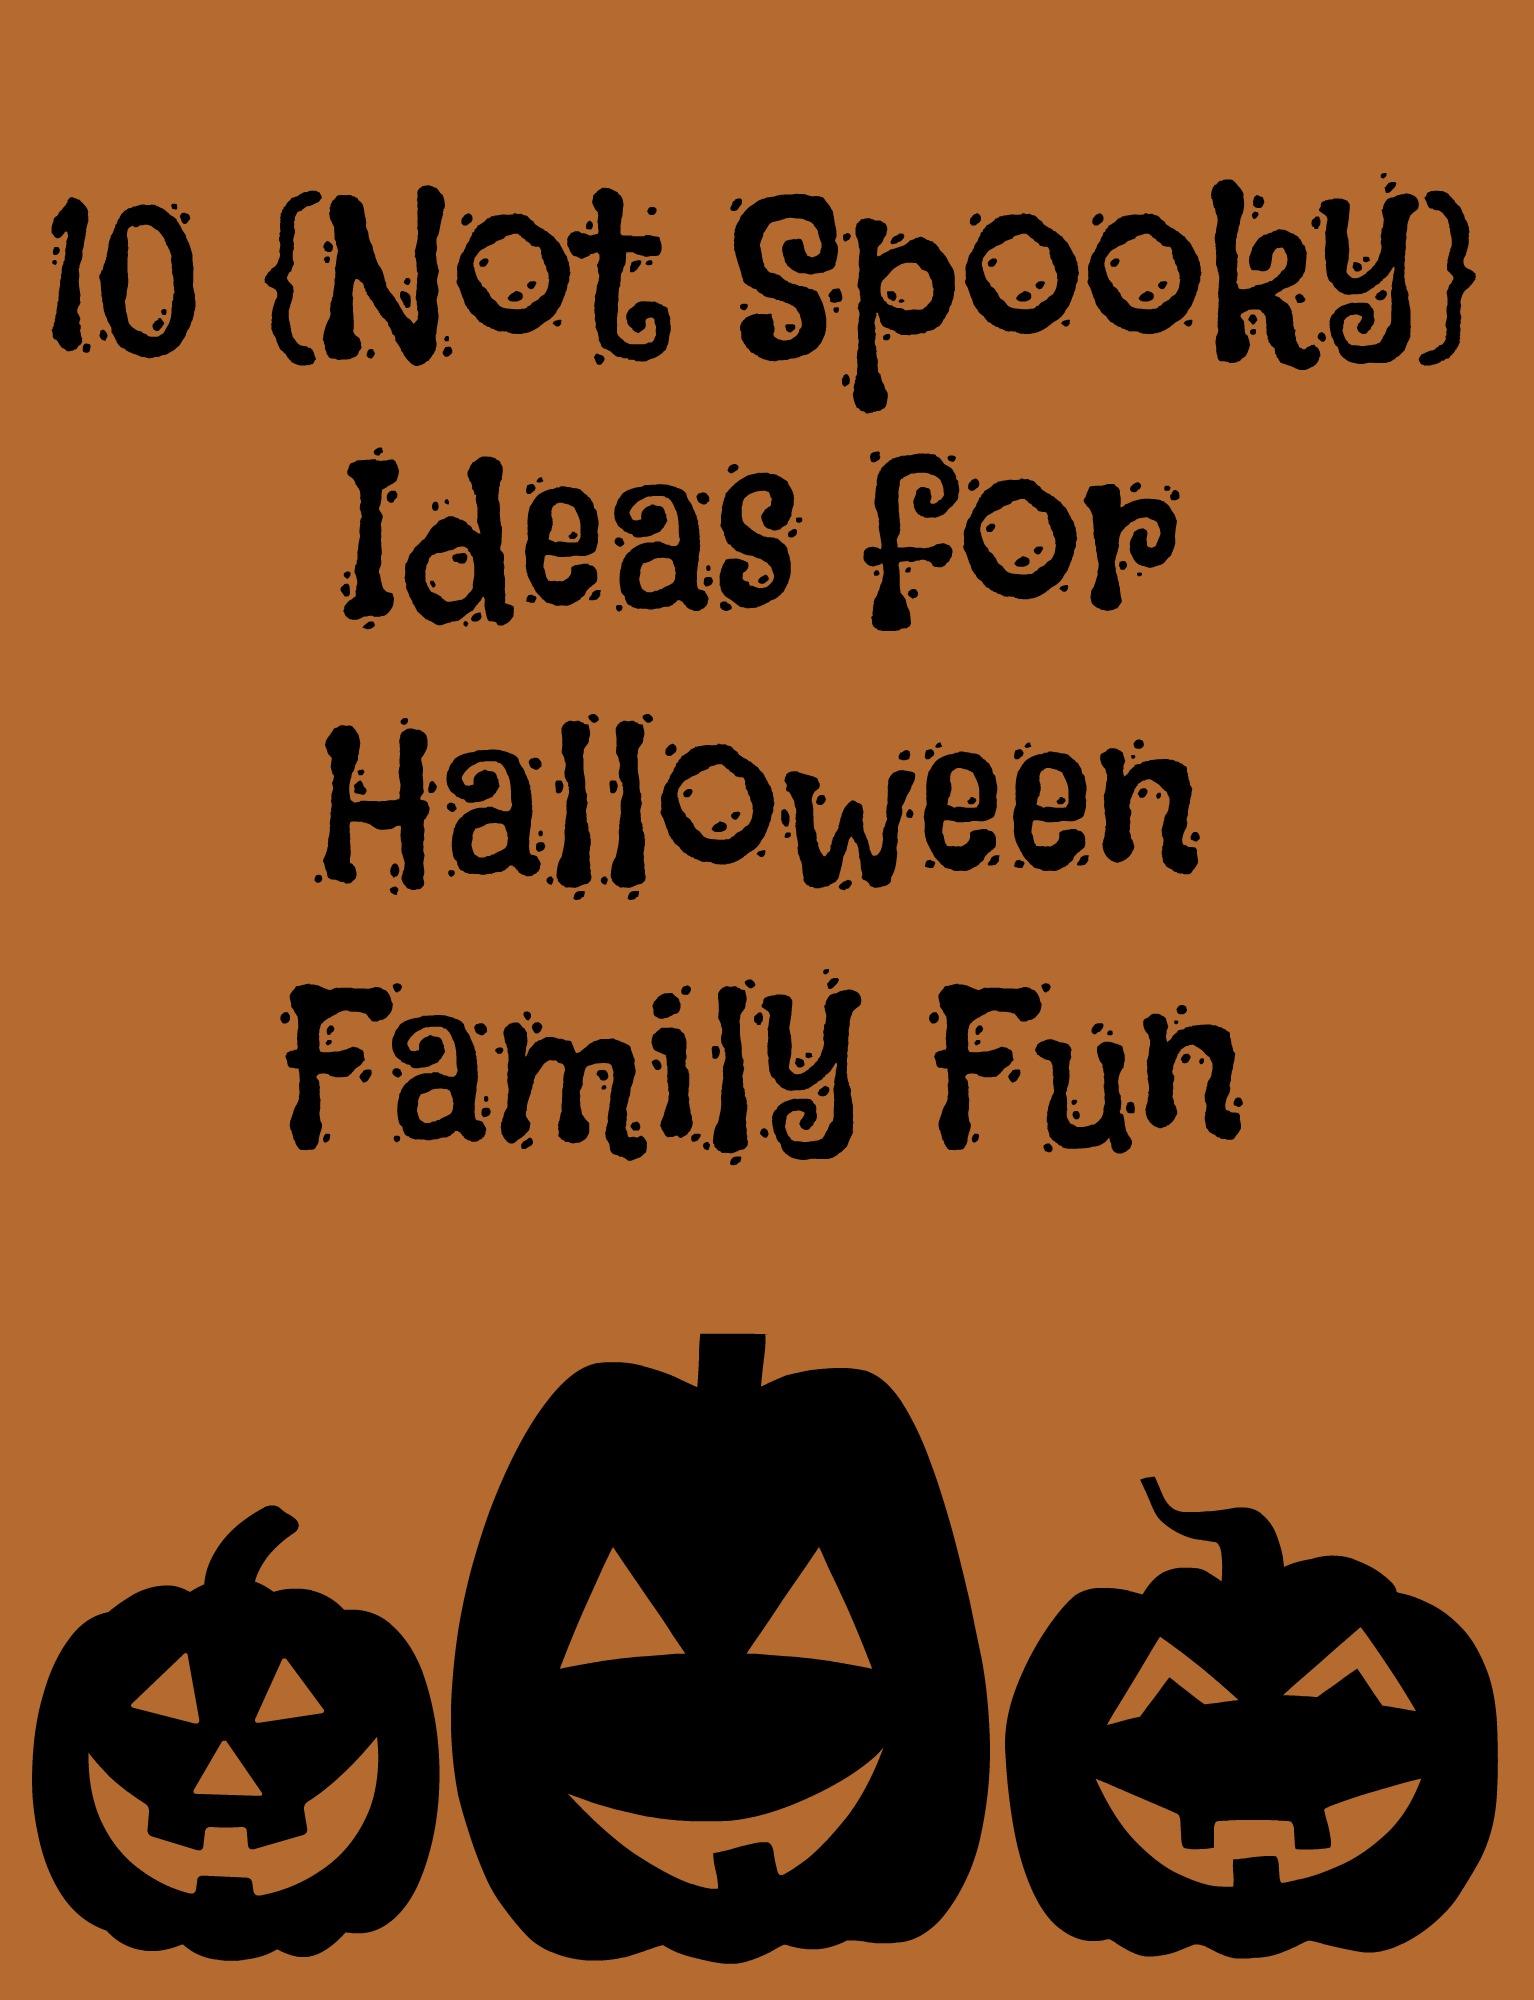 Ten Not Spooky Ideas For